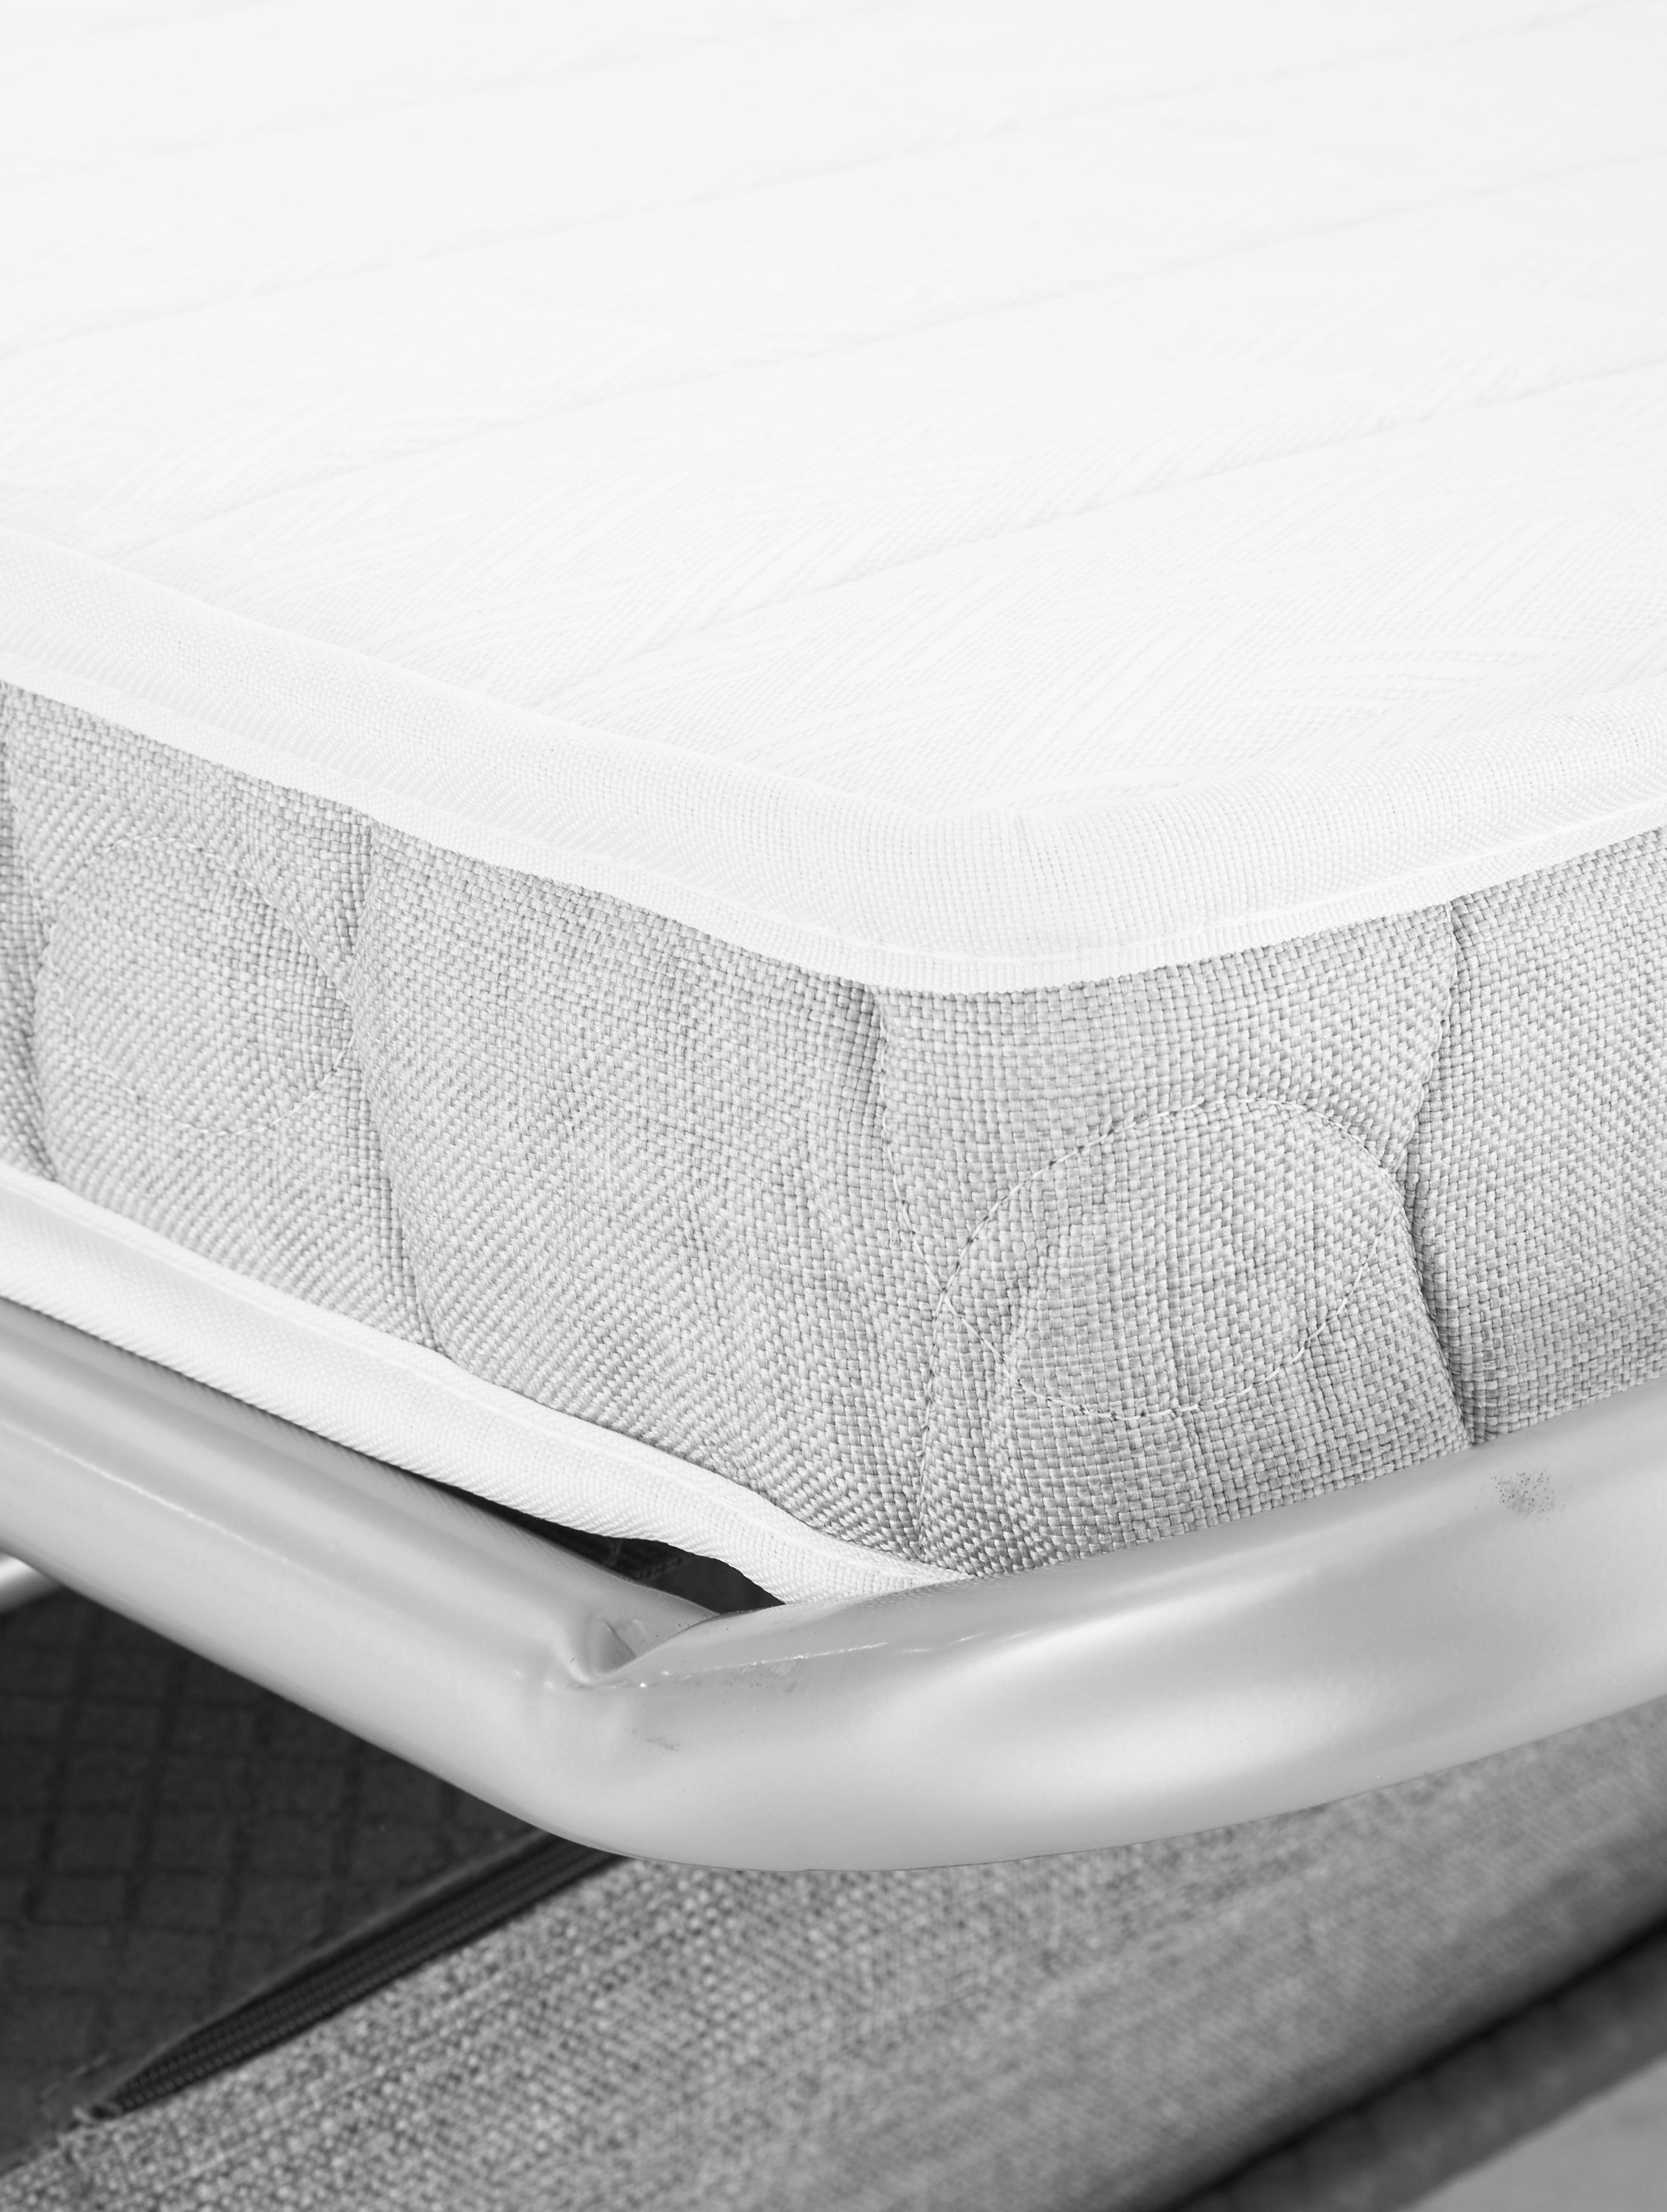 Schlafsofa Maria, Bezug: 40% Baumwolle, 20% Leinen, Füße: Kunststoff, Korpus: Mitteldichte Faserplatte,, Webstoff Hellgrau, B 180 x T 102 cm